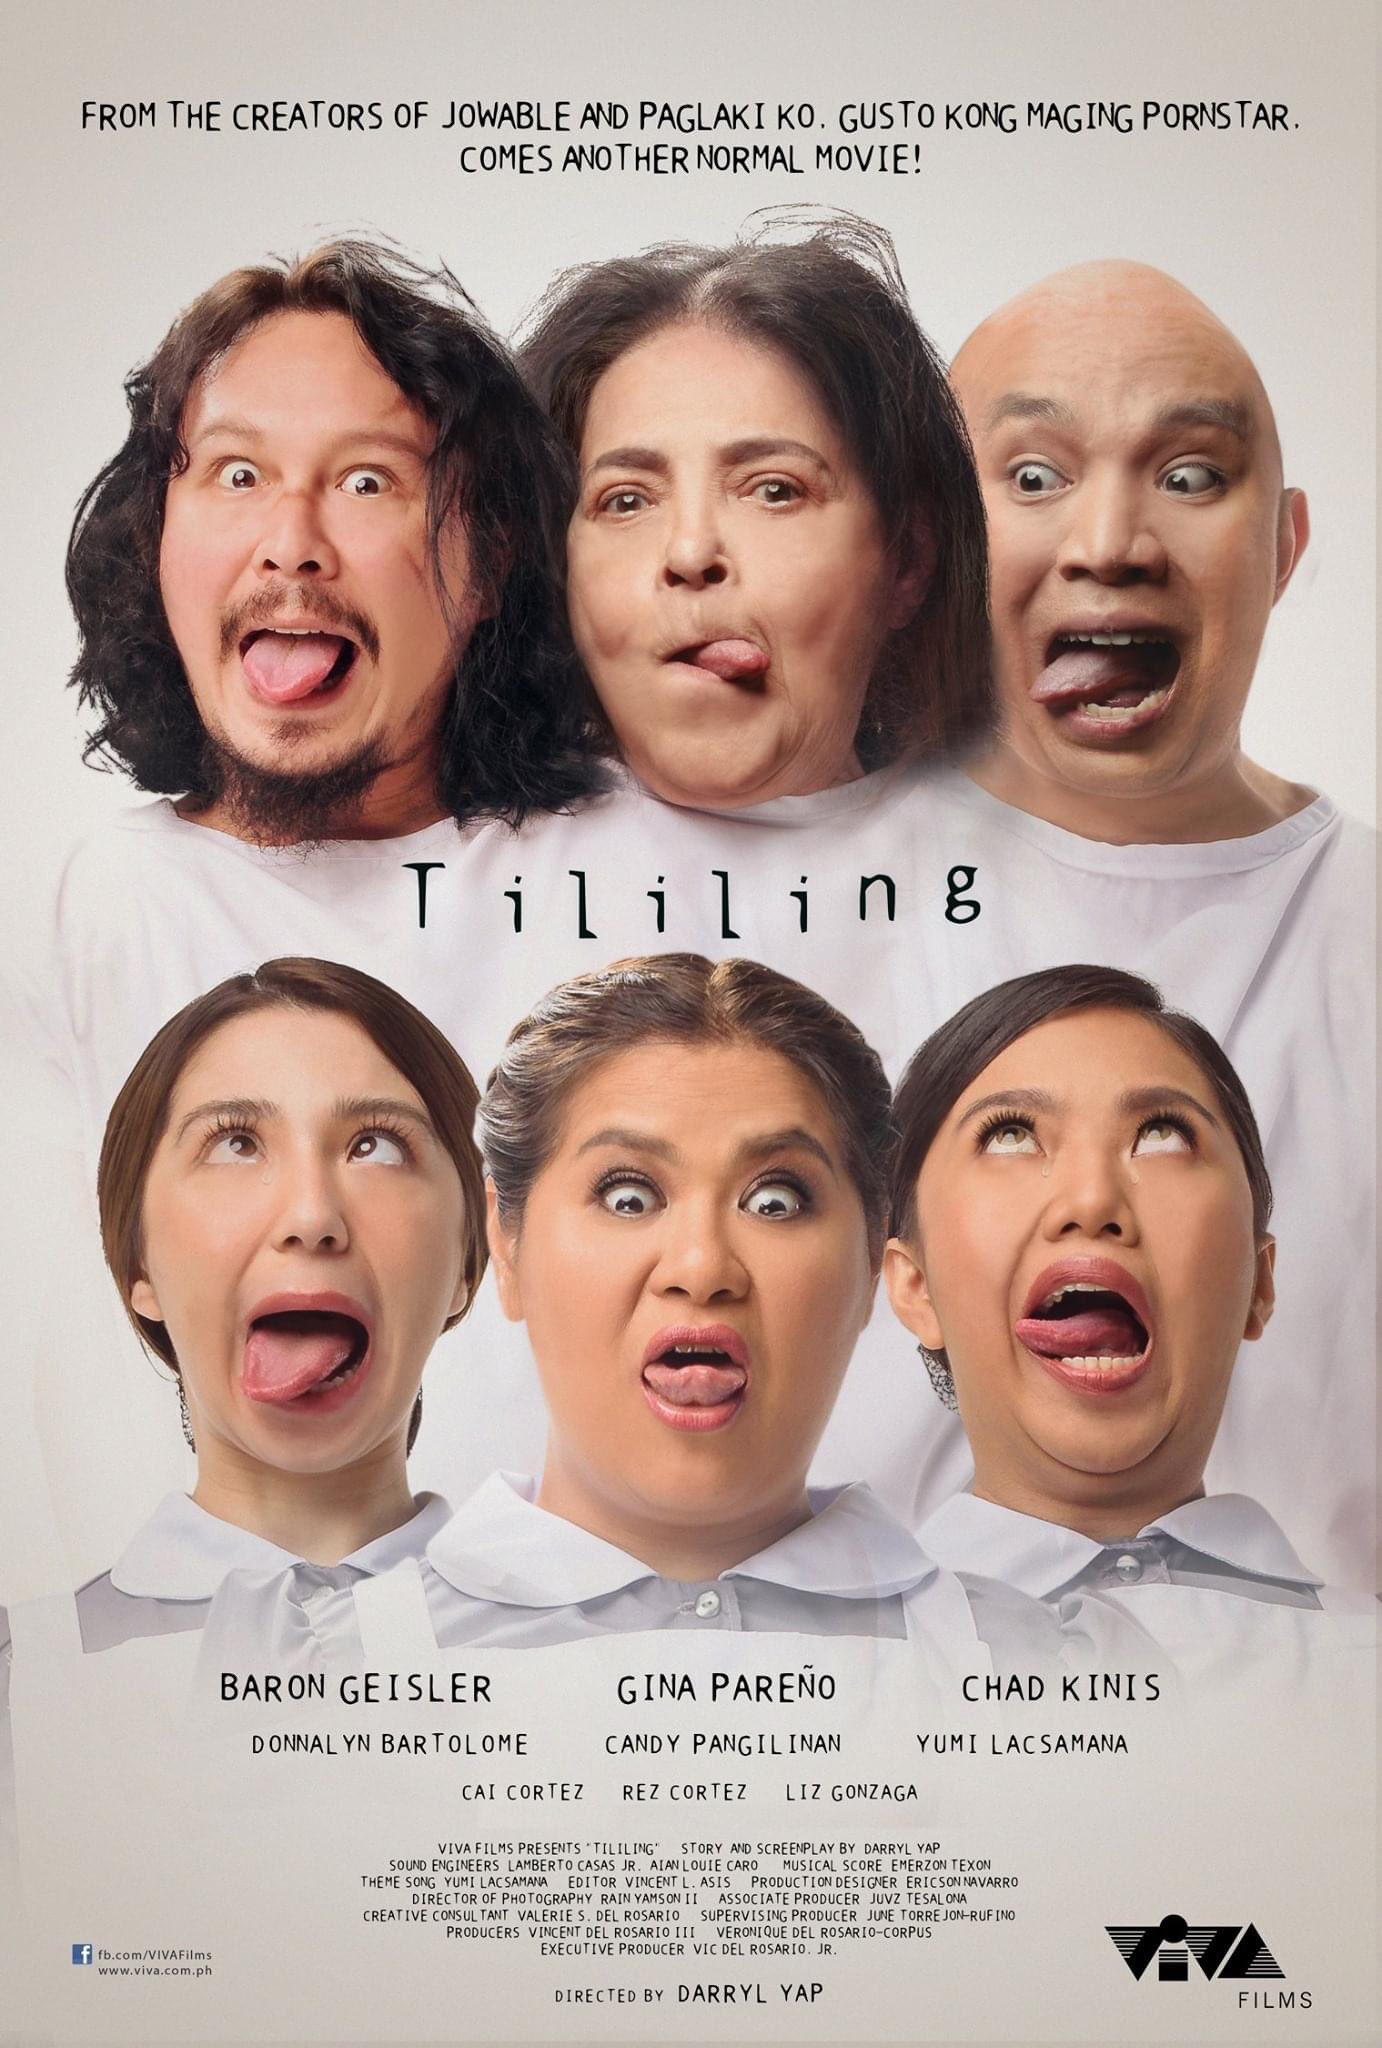 'Tililing' poster